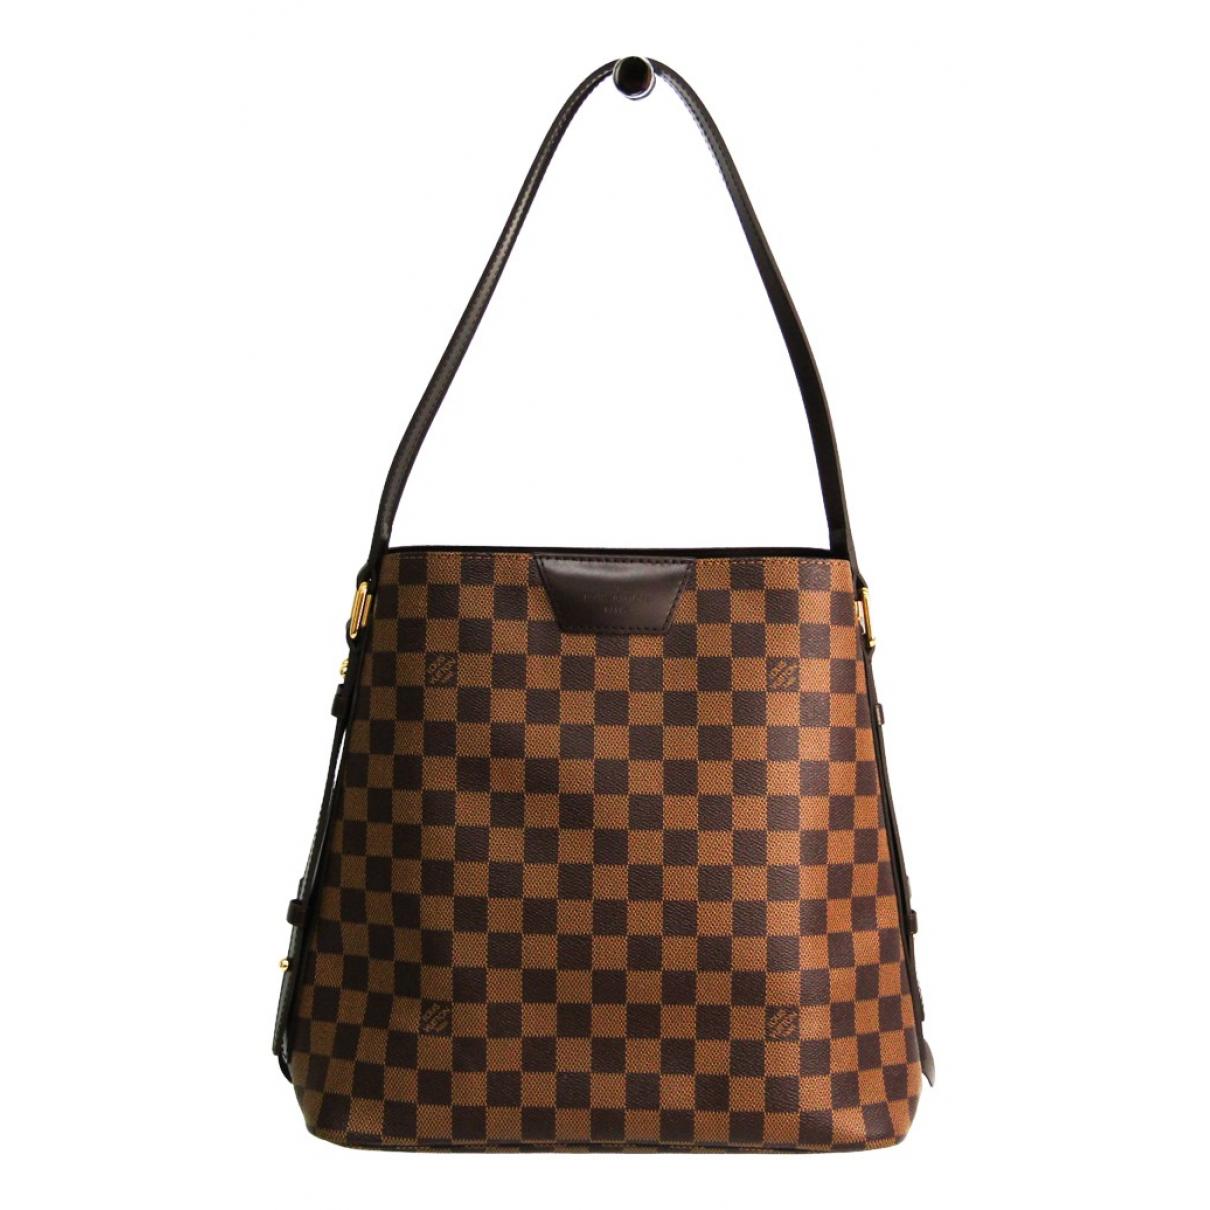 Louis Vuitton - Sac a main Rivington pour femme en toile - marron